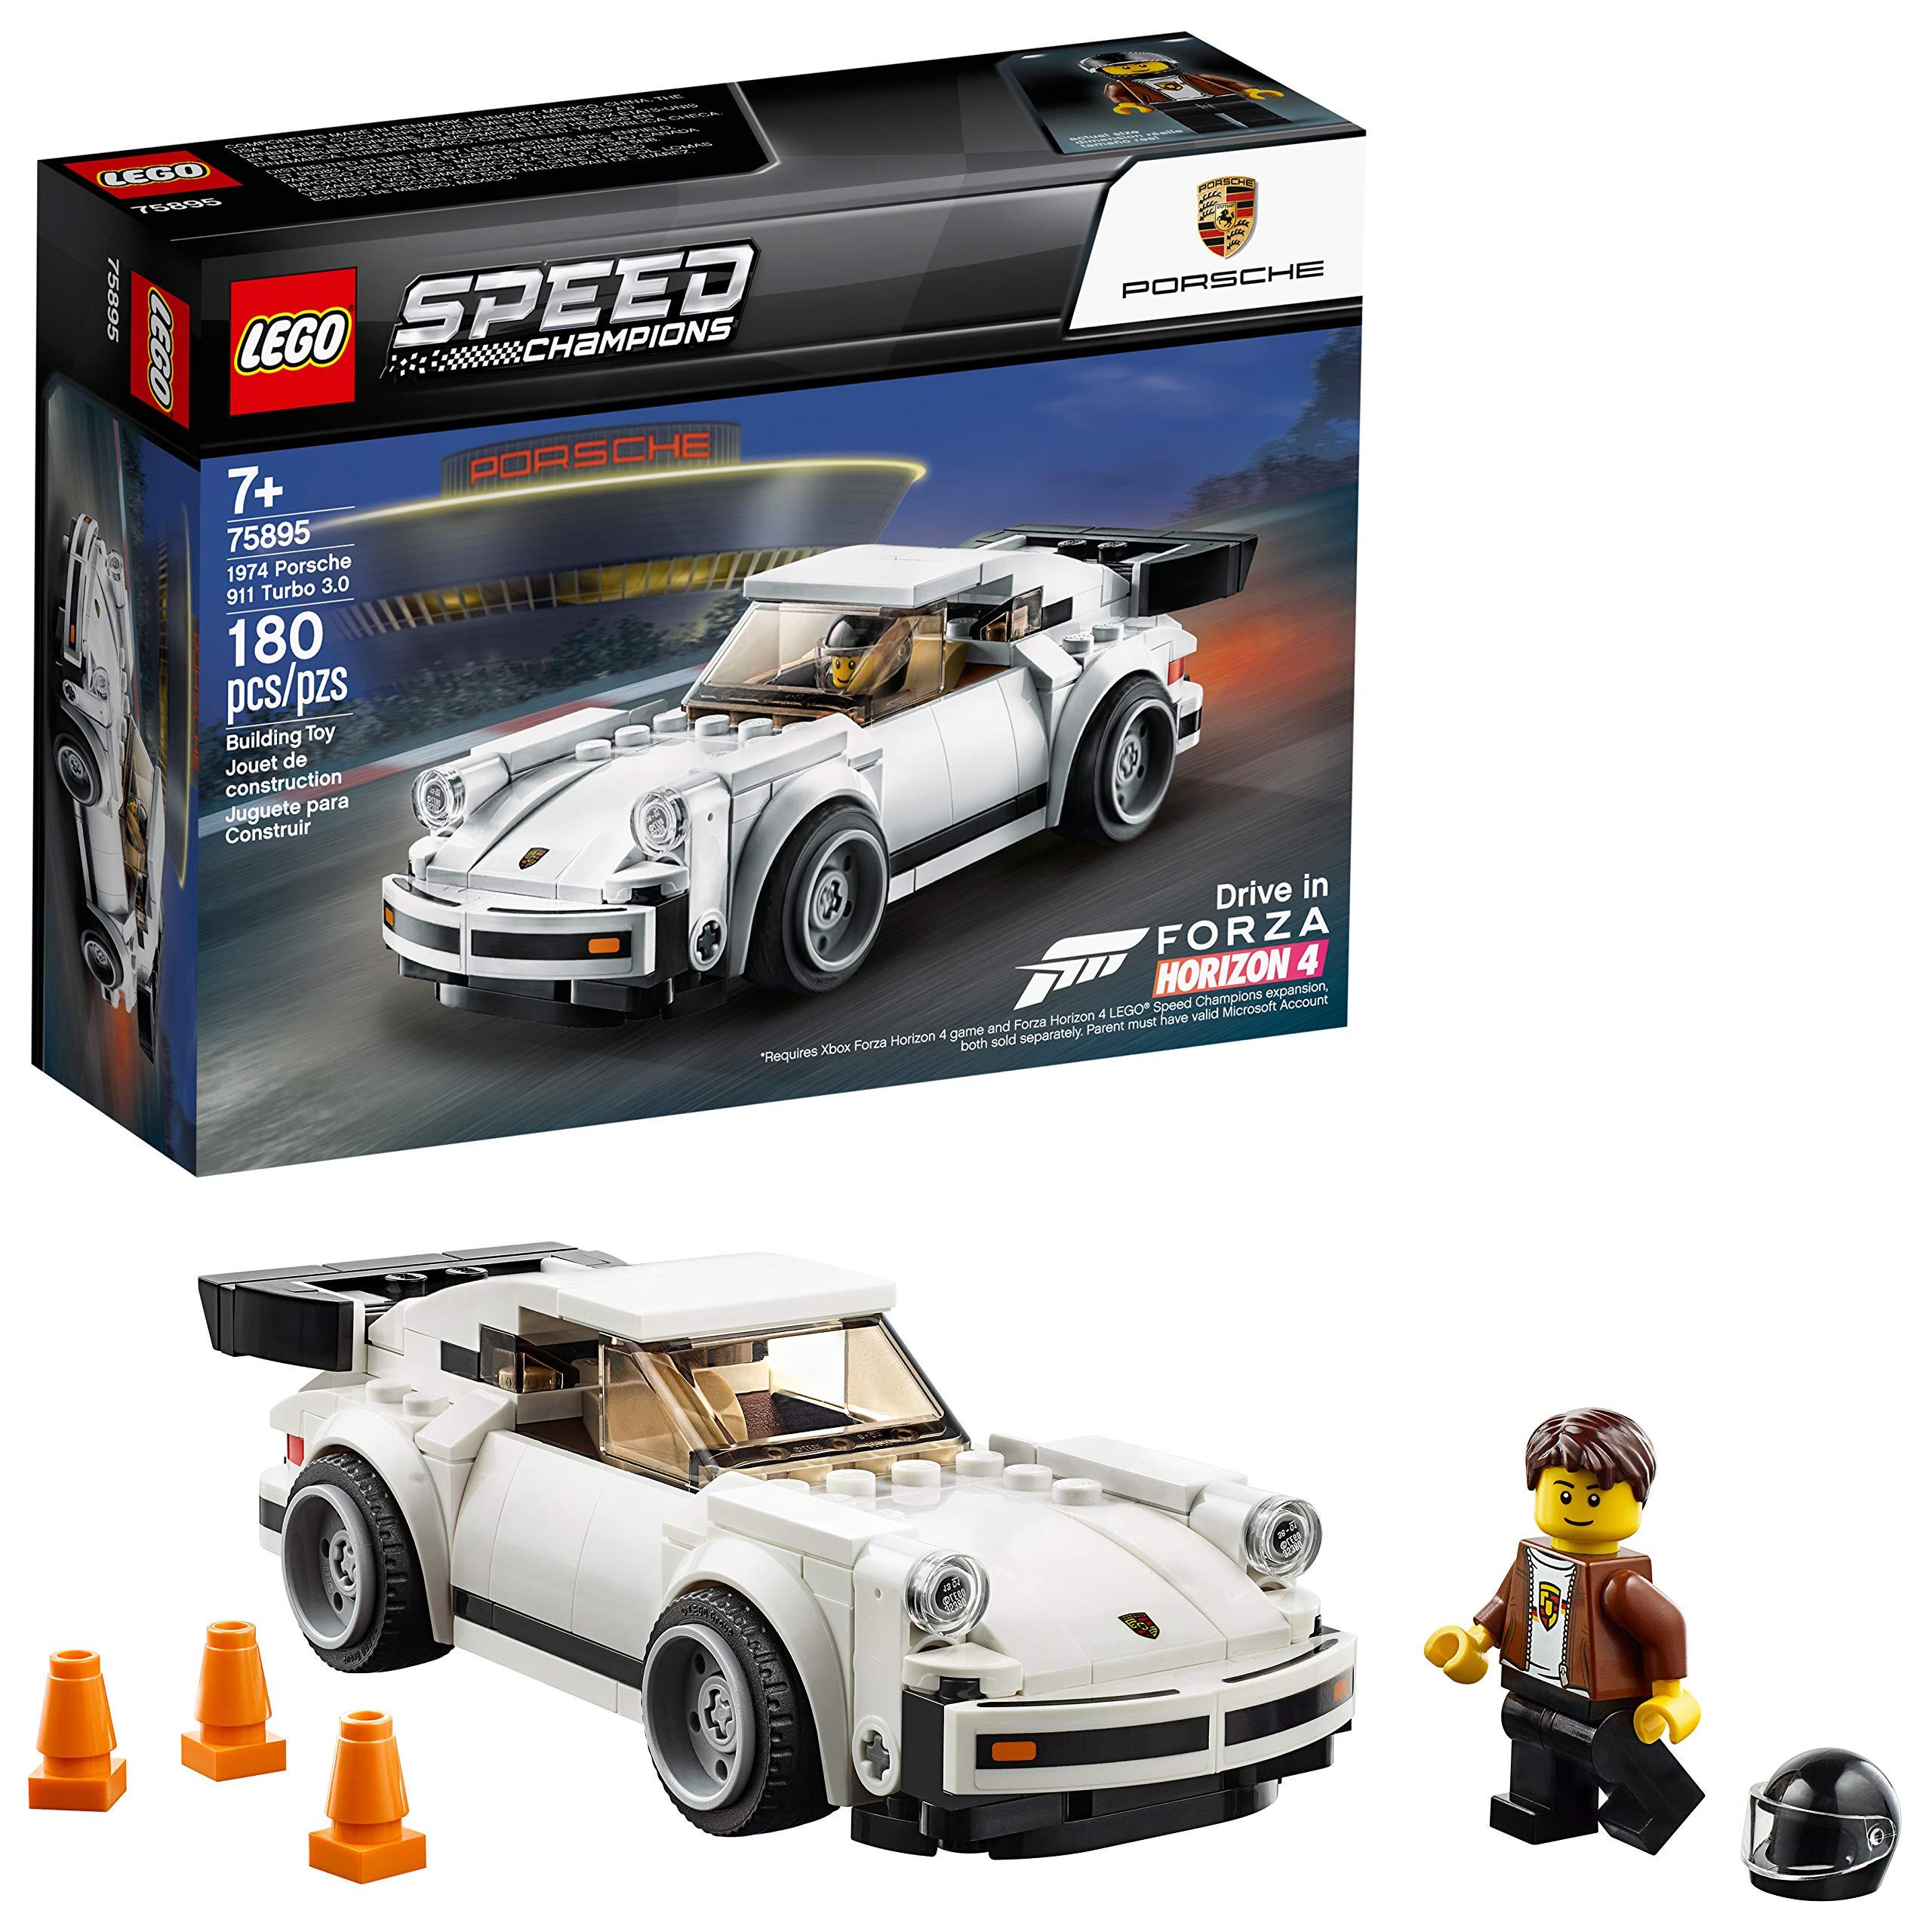 LEGO Champions Porsche Building Pieces